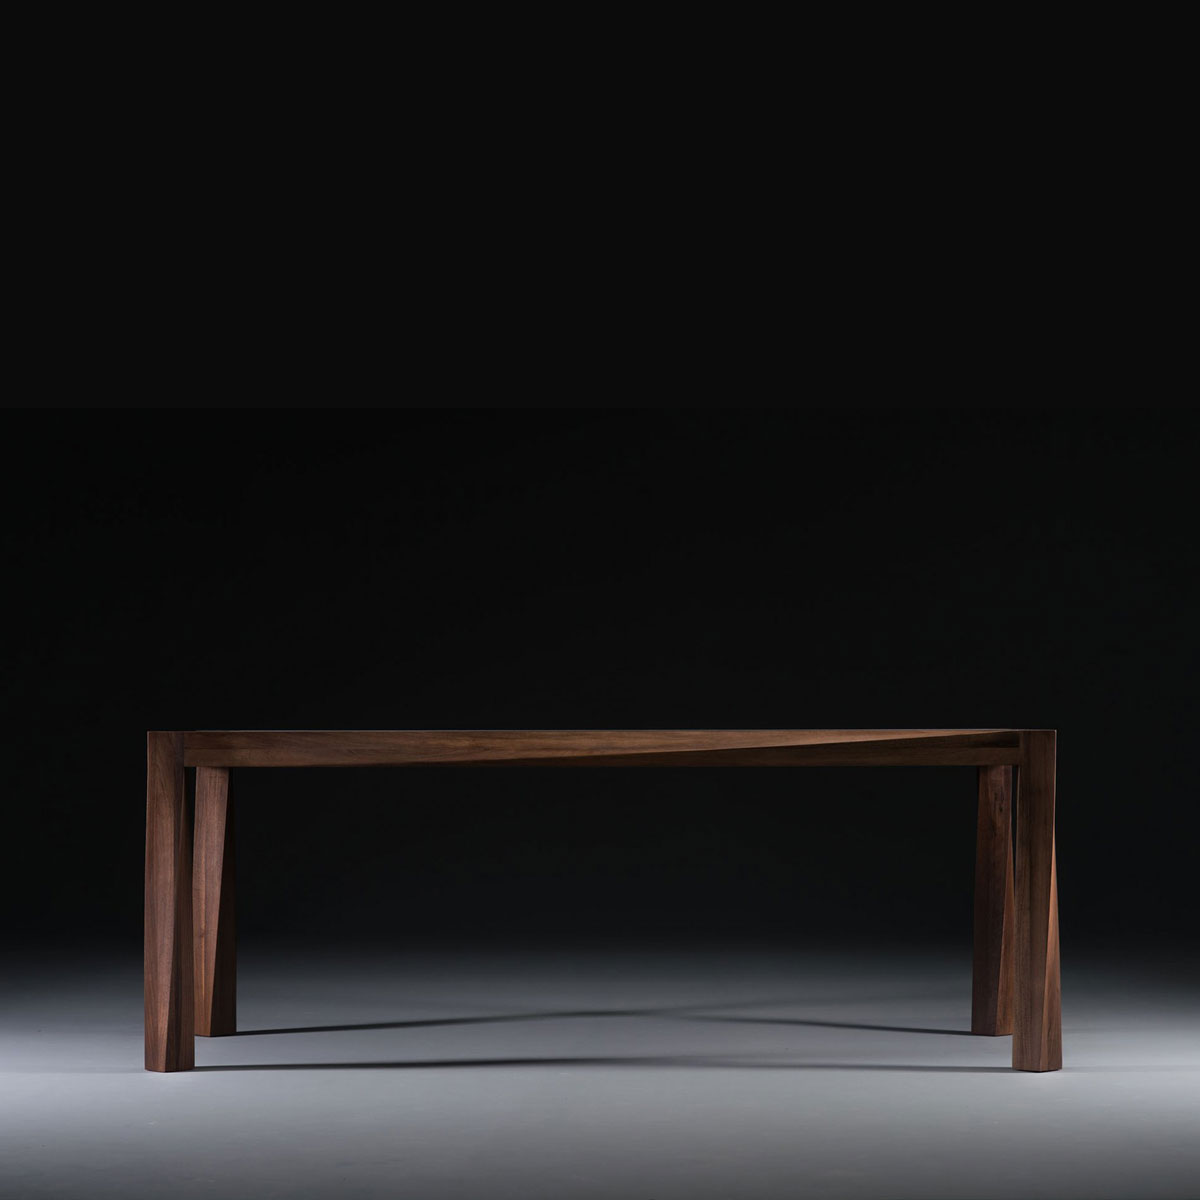 Mesa Torsio en madera de primera calidad, con diseño vanguardista producida de forma exclusiva y artesana en Europa